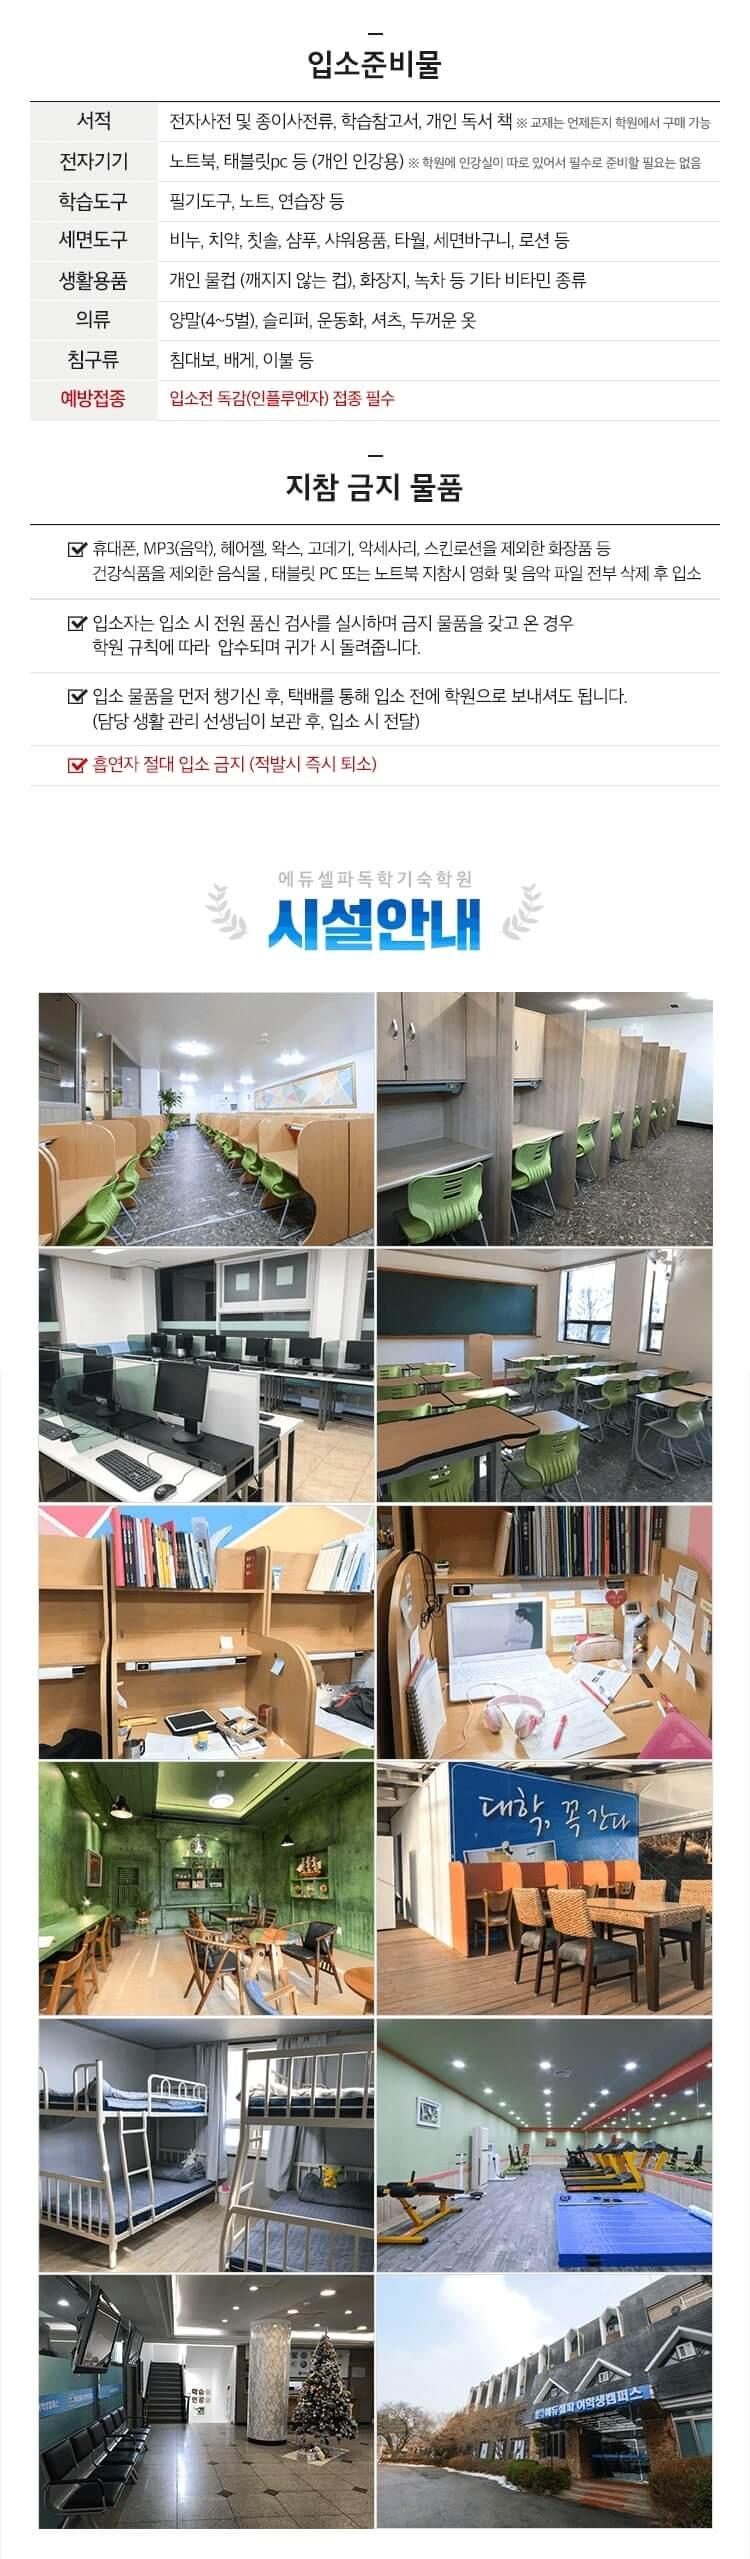 윈터스쿨 입소준비물 시설안내 모바일